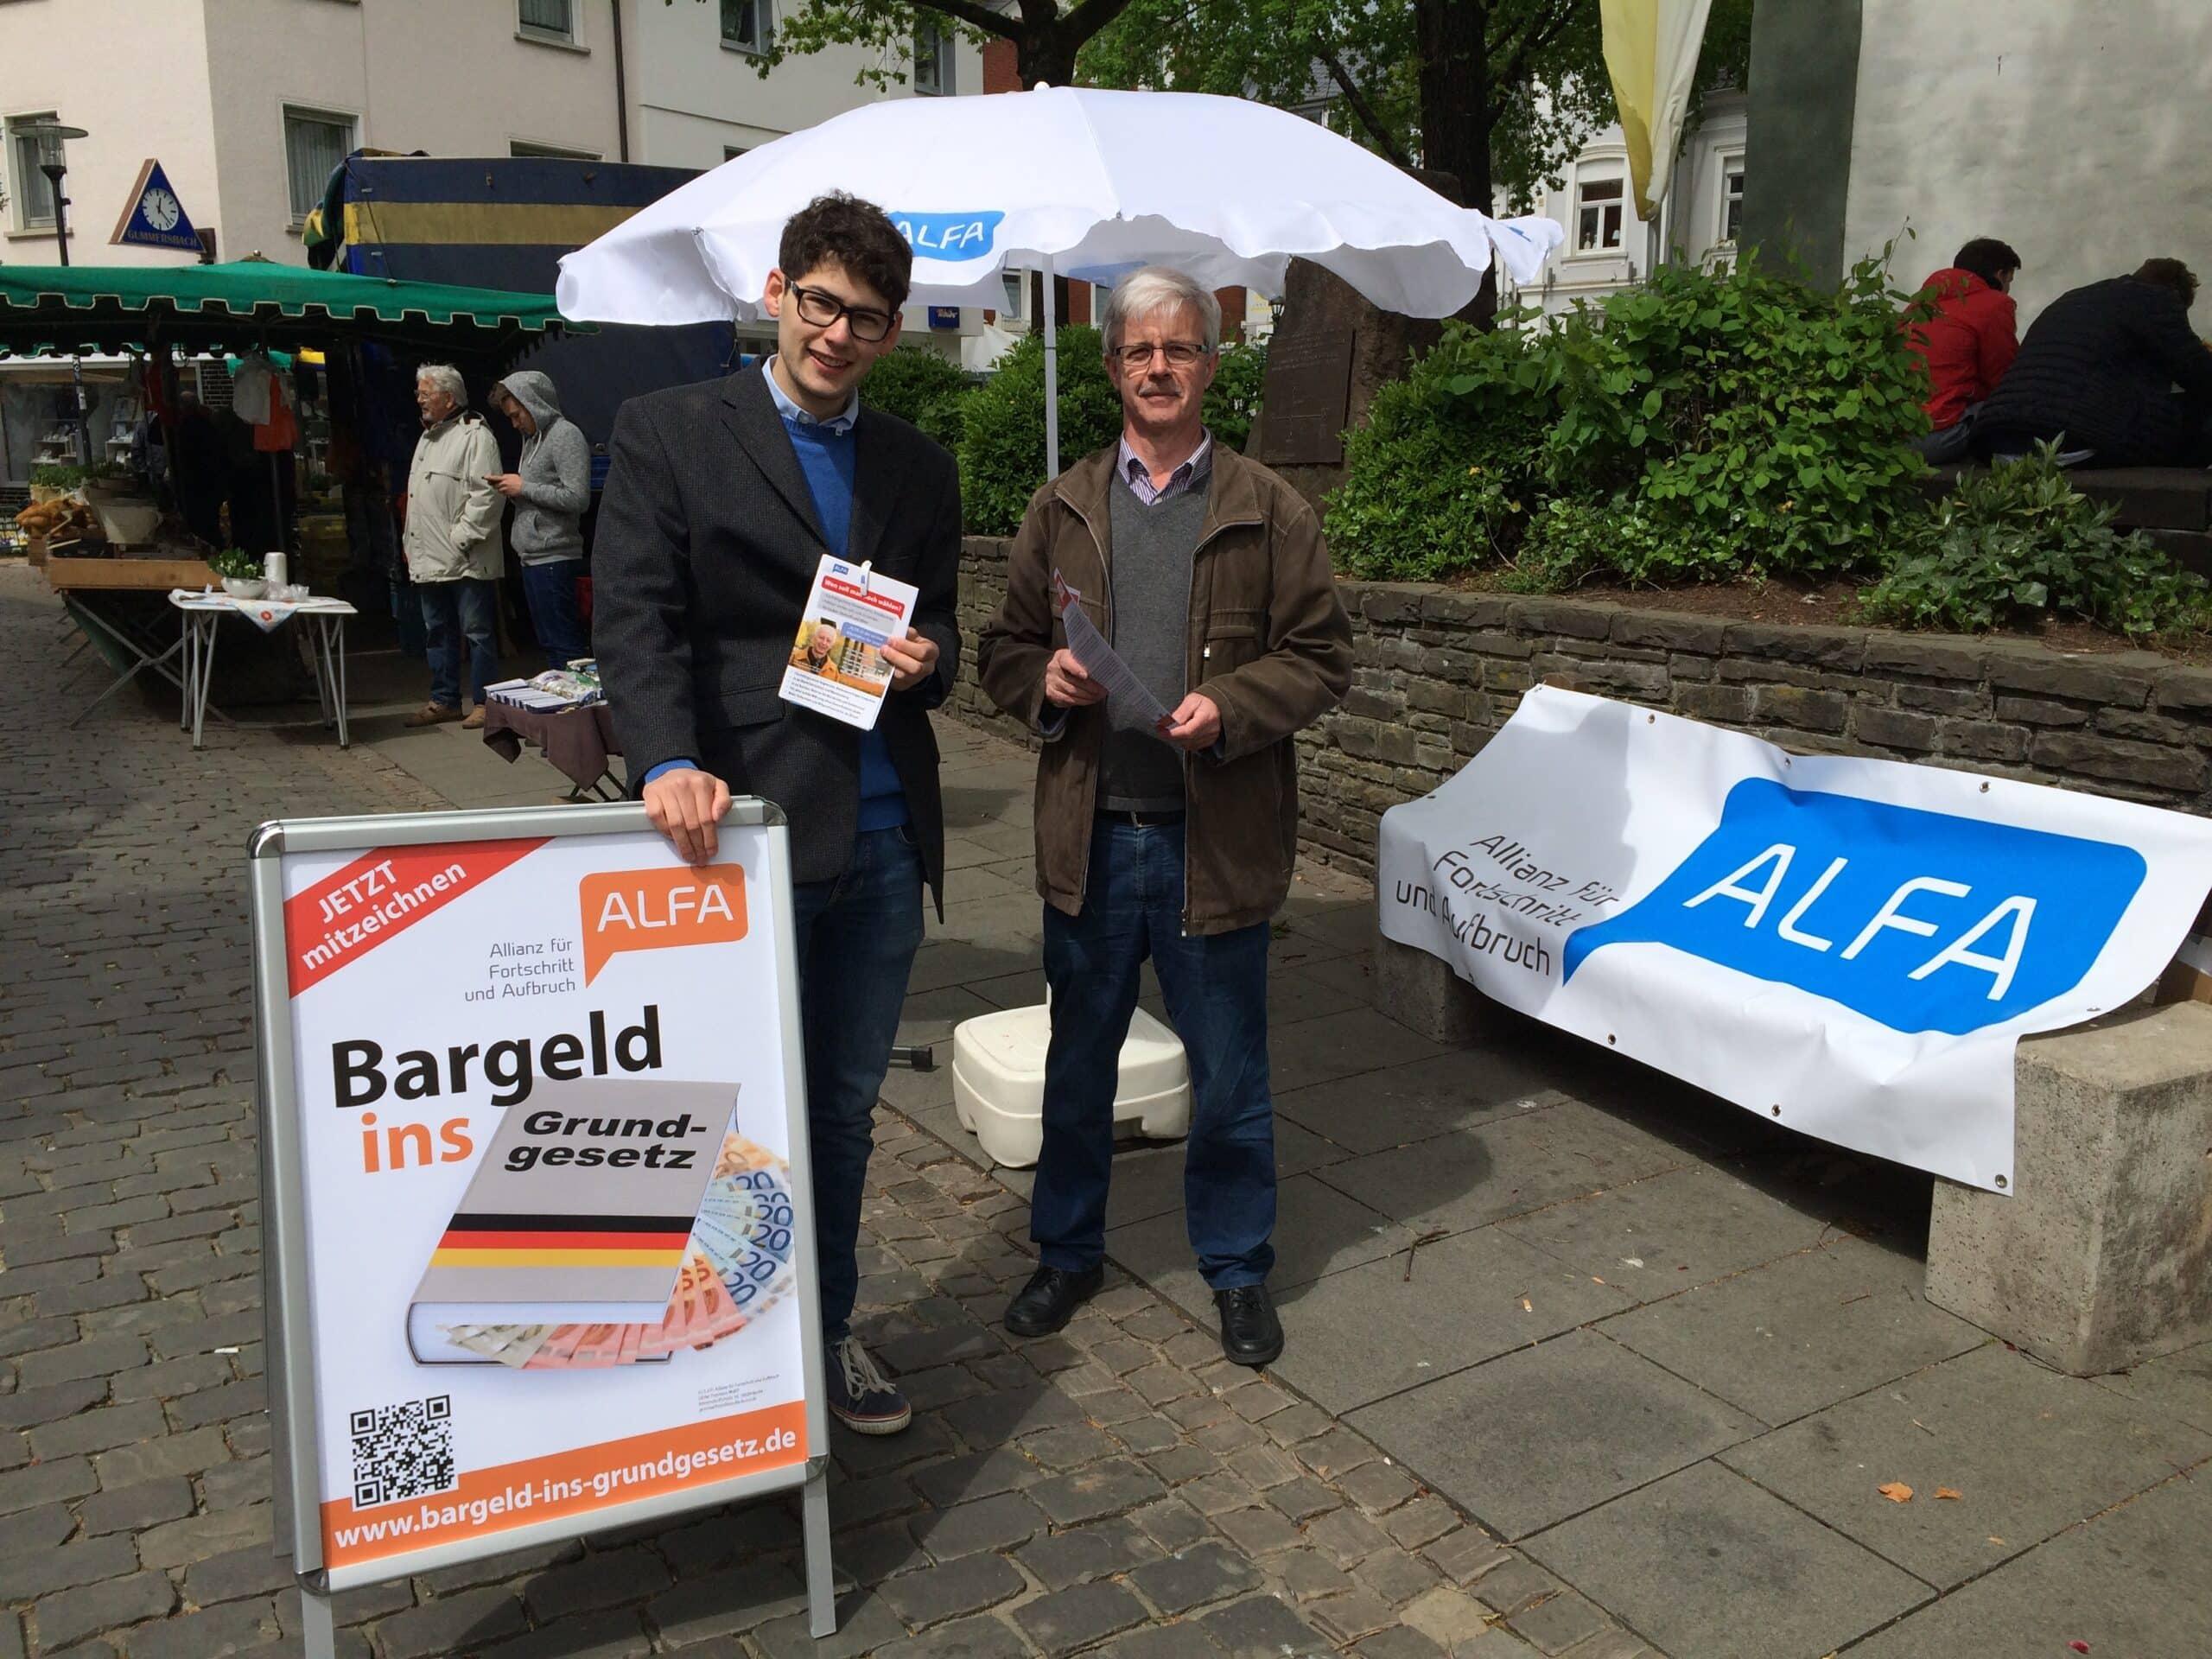 ALFA im Kreis Olpe: Die Kreisverantwortlichen Gerd Hennes (rechts) und Matthias Köster stehen für die neue bürgerliche Partei der Mitte.